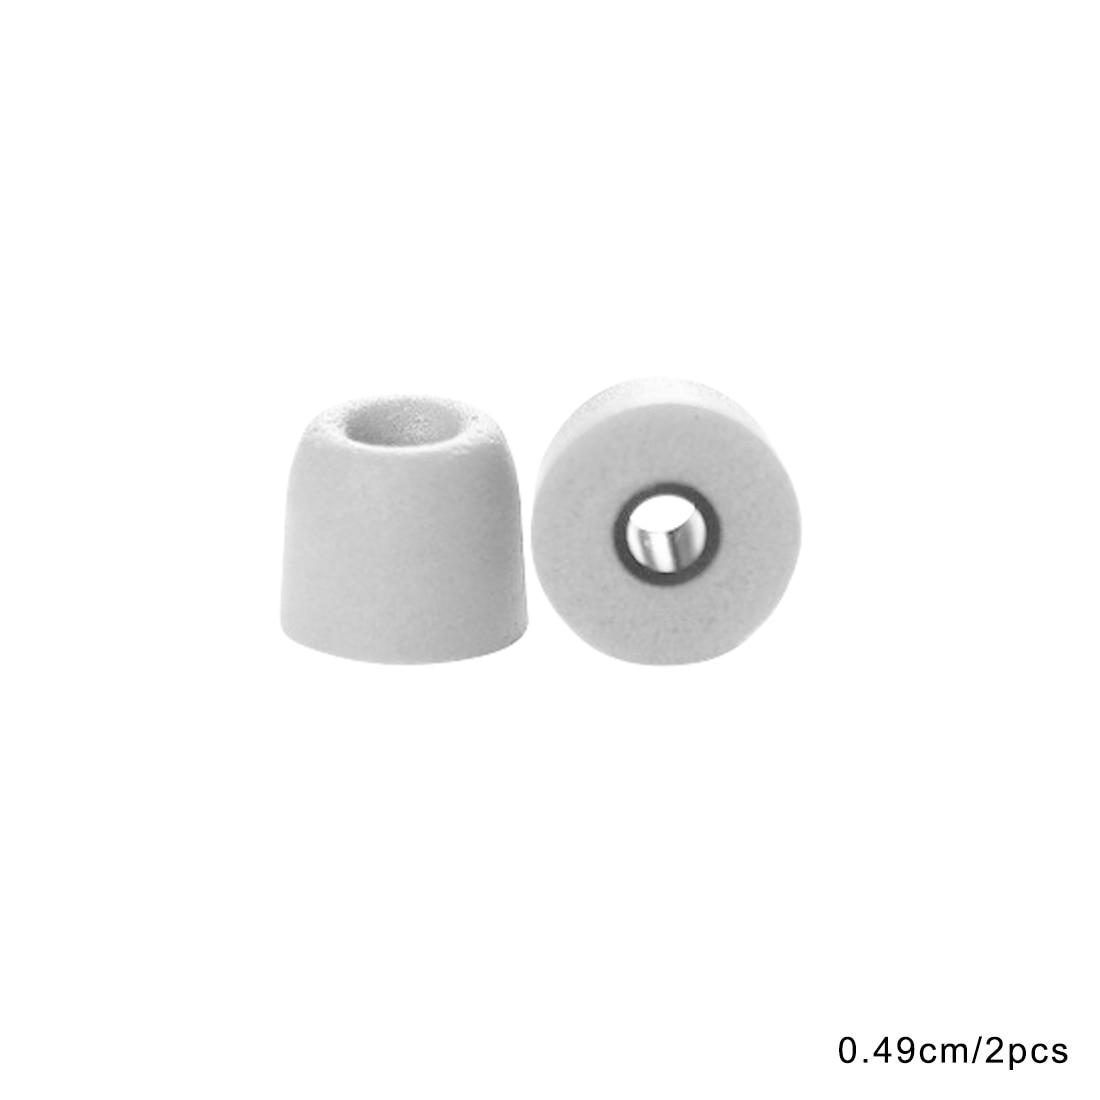 Marsnaska 1 pair ForT100 T400 Earphone tips Memory Foam Sponge ear pads for headphones 4.9 mm Caliber